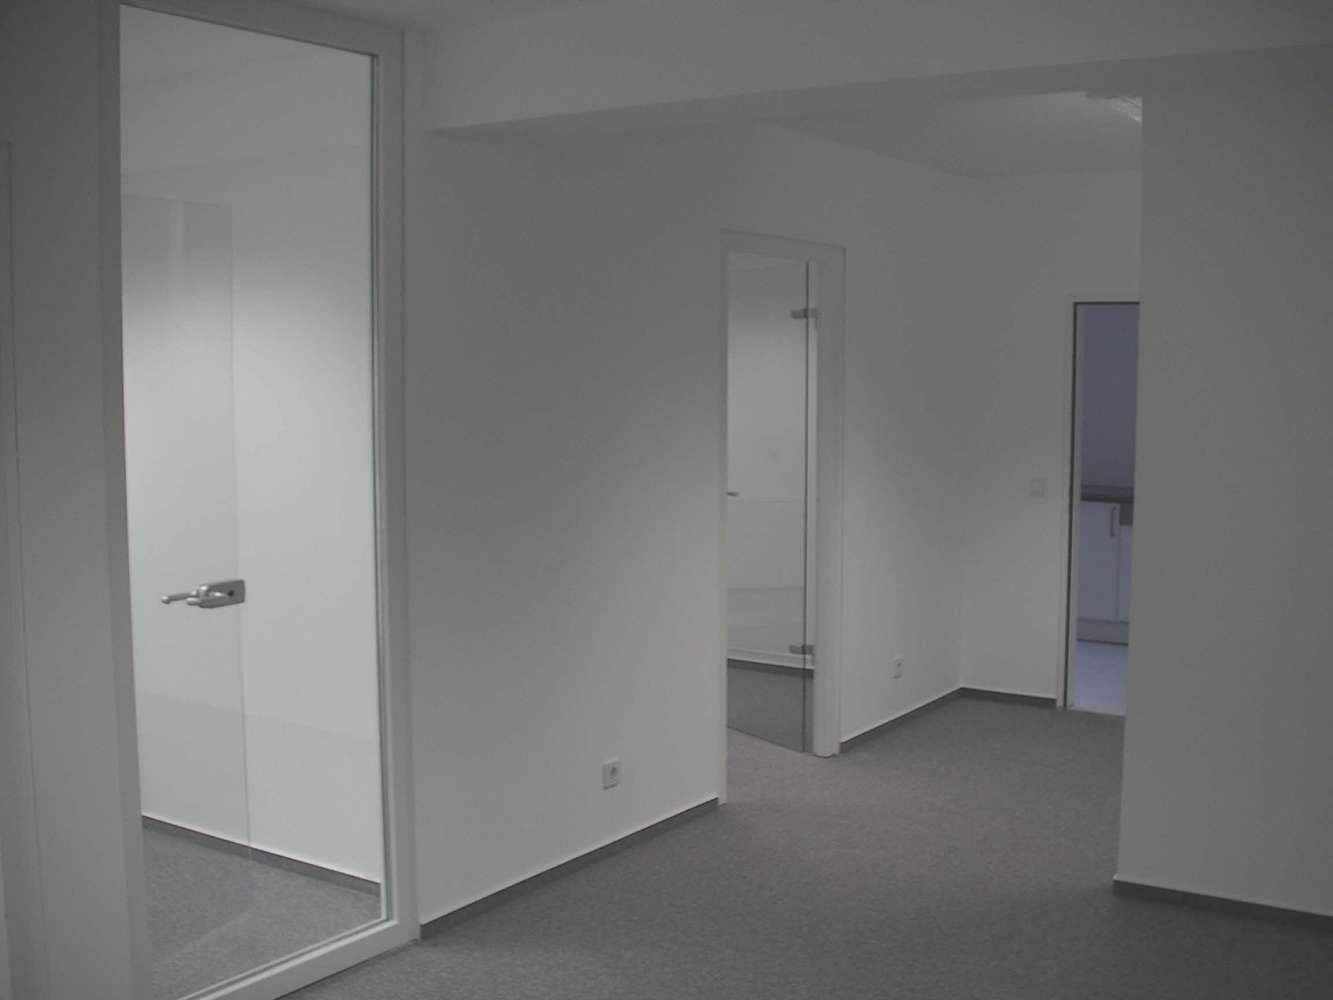 Büros Frankfurt am main, 60313 - Büro - Frankfurt am Main, Innenstadt - F0763 - 10456387